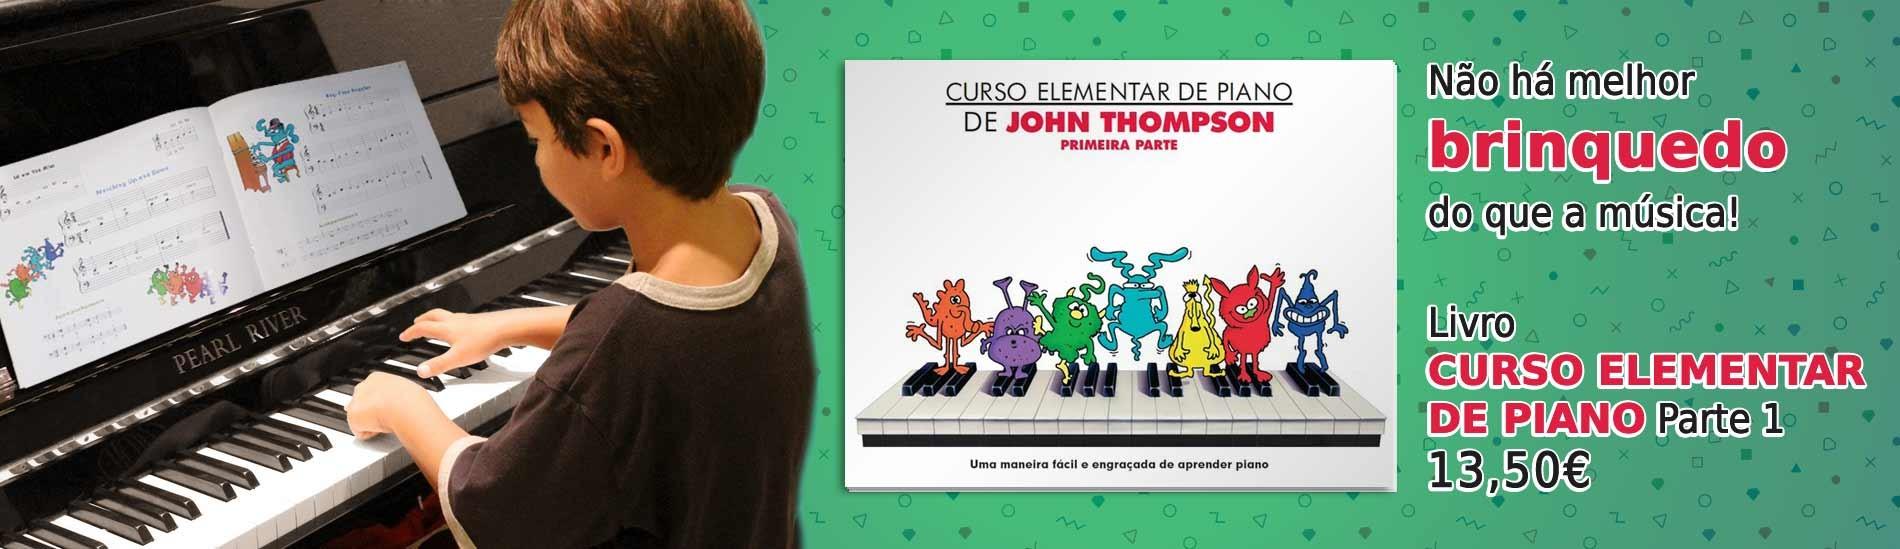 Não há melhor brinquedo do que a música! - Livro Curso Elementar de Piano - Parte 1